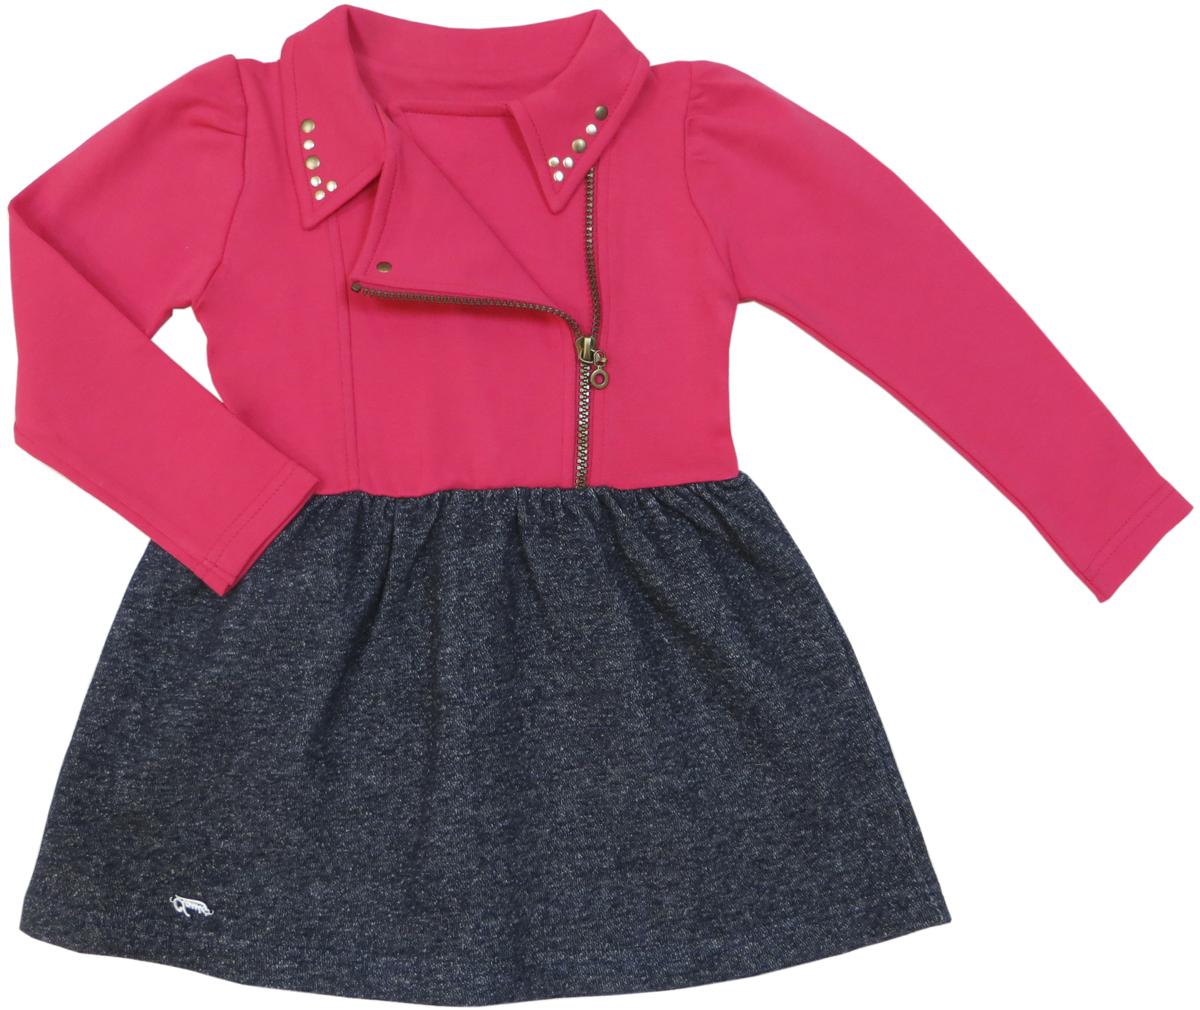 Платье для девочки Soni Kids Прогулка с Мими, цвет: розовый, синий. З7105010. Размер 98З7105010Стильное платье девочки от Soni Kids выполнено из натурального хлопка. Модель с длинными рукавами и отложным воротником имитирует комплект - косуху и юбку. Платье украшено заклепками на воротнике и имеет застежку-молнию.